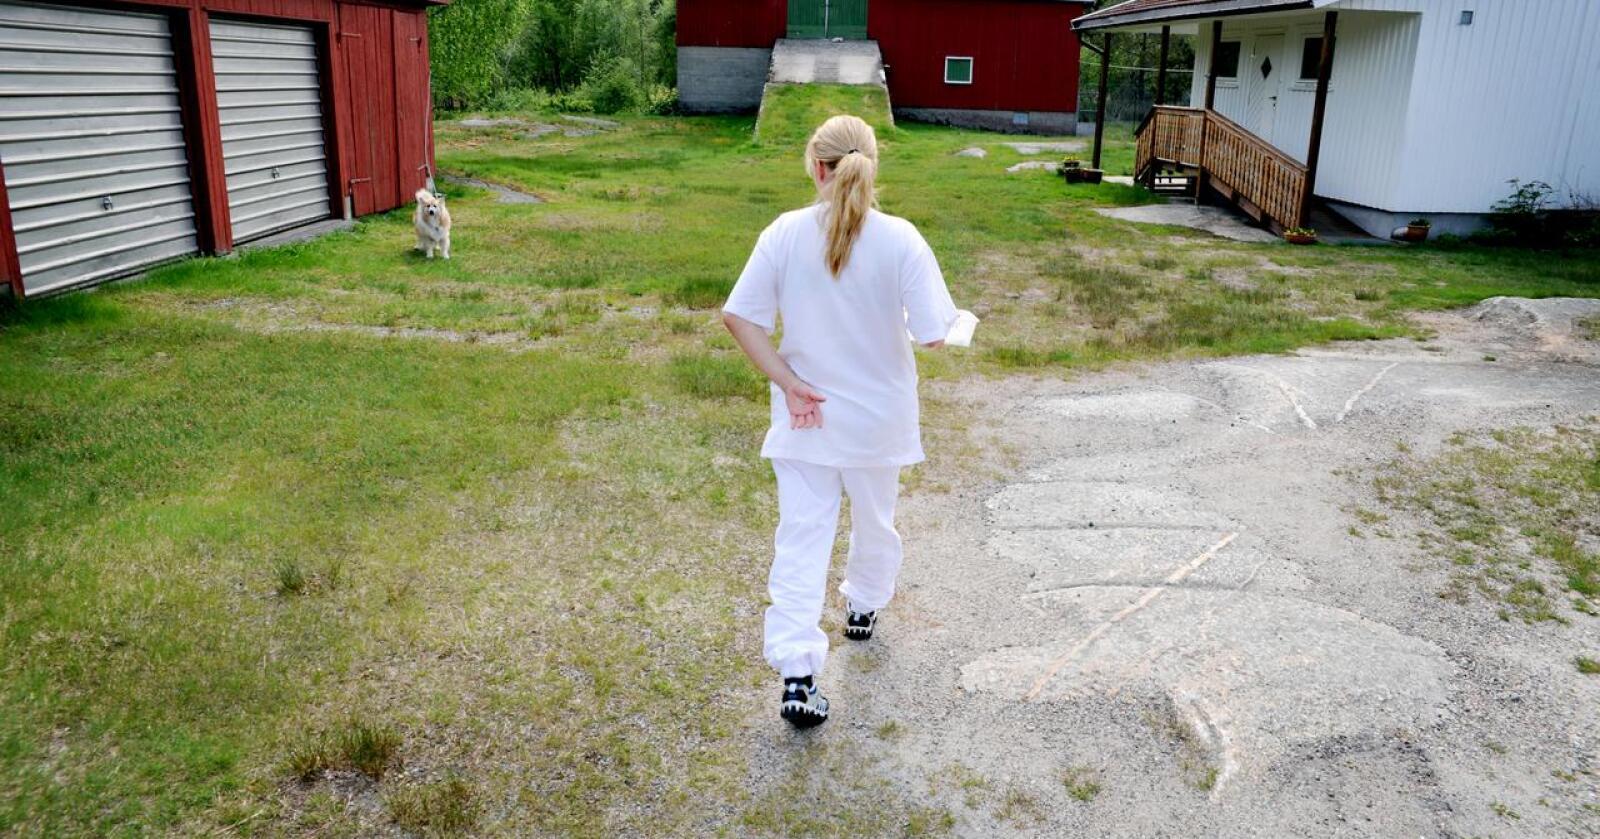 Fagforbundet organiserer nesten 400.000 offentlig ansatte i Norge og er det største LO-forbundet i landet. Nesten 70 prosent av de spurte i en medlemsundersøkelsen mener sentrale myndigheter ikke tar nok hensyn til Distrikts-Norge. Foto: Marianne Tvete